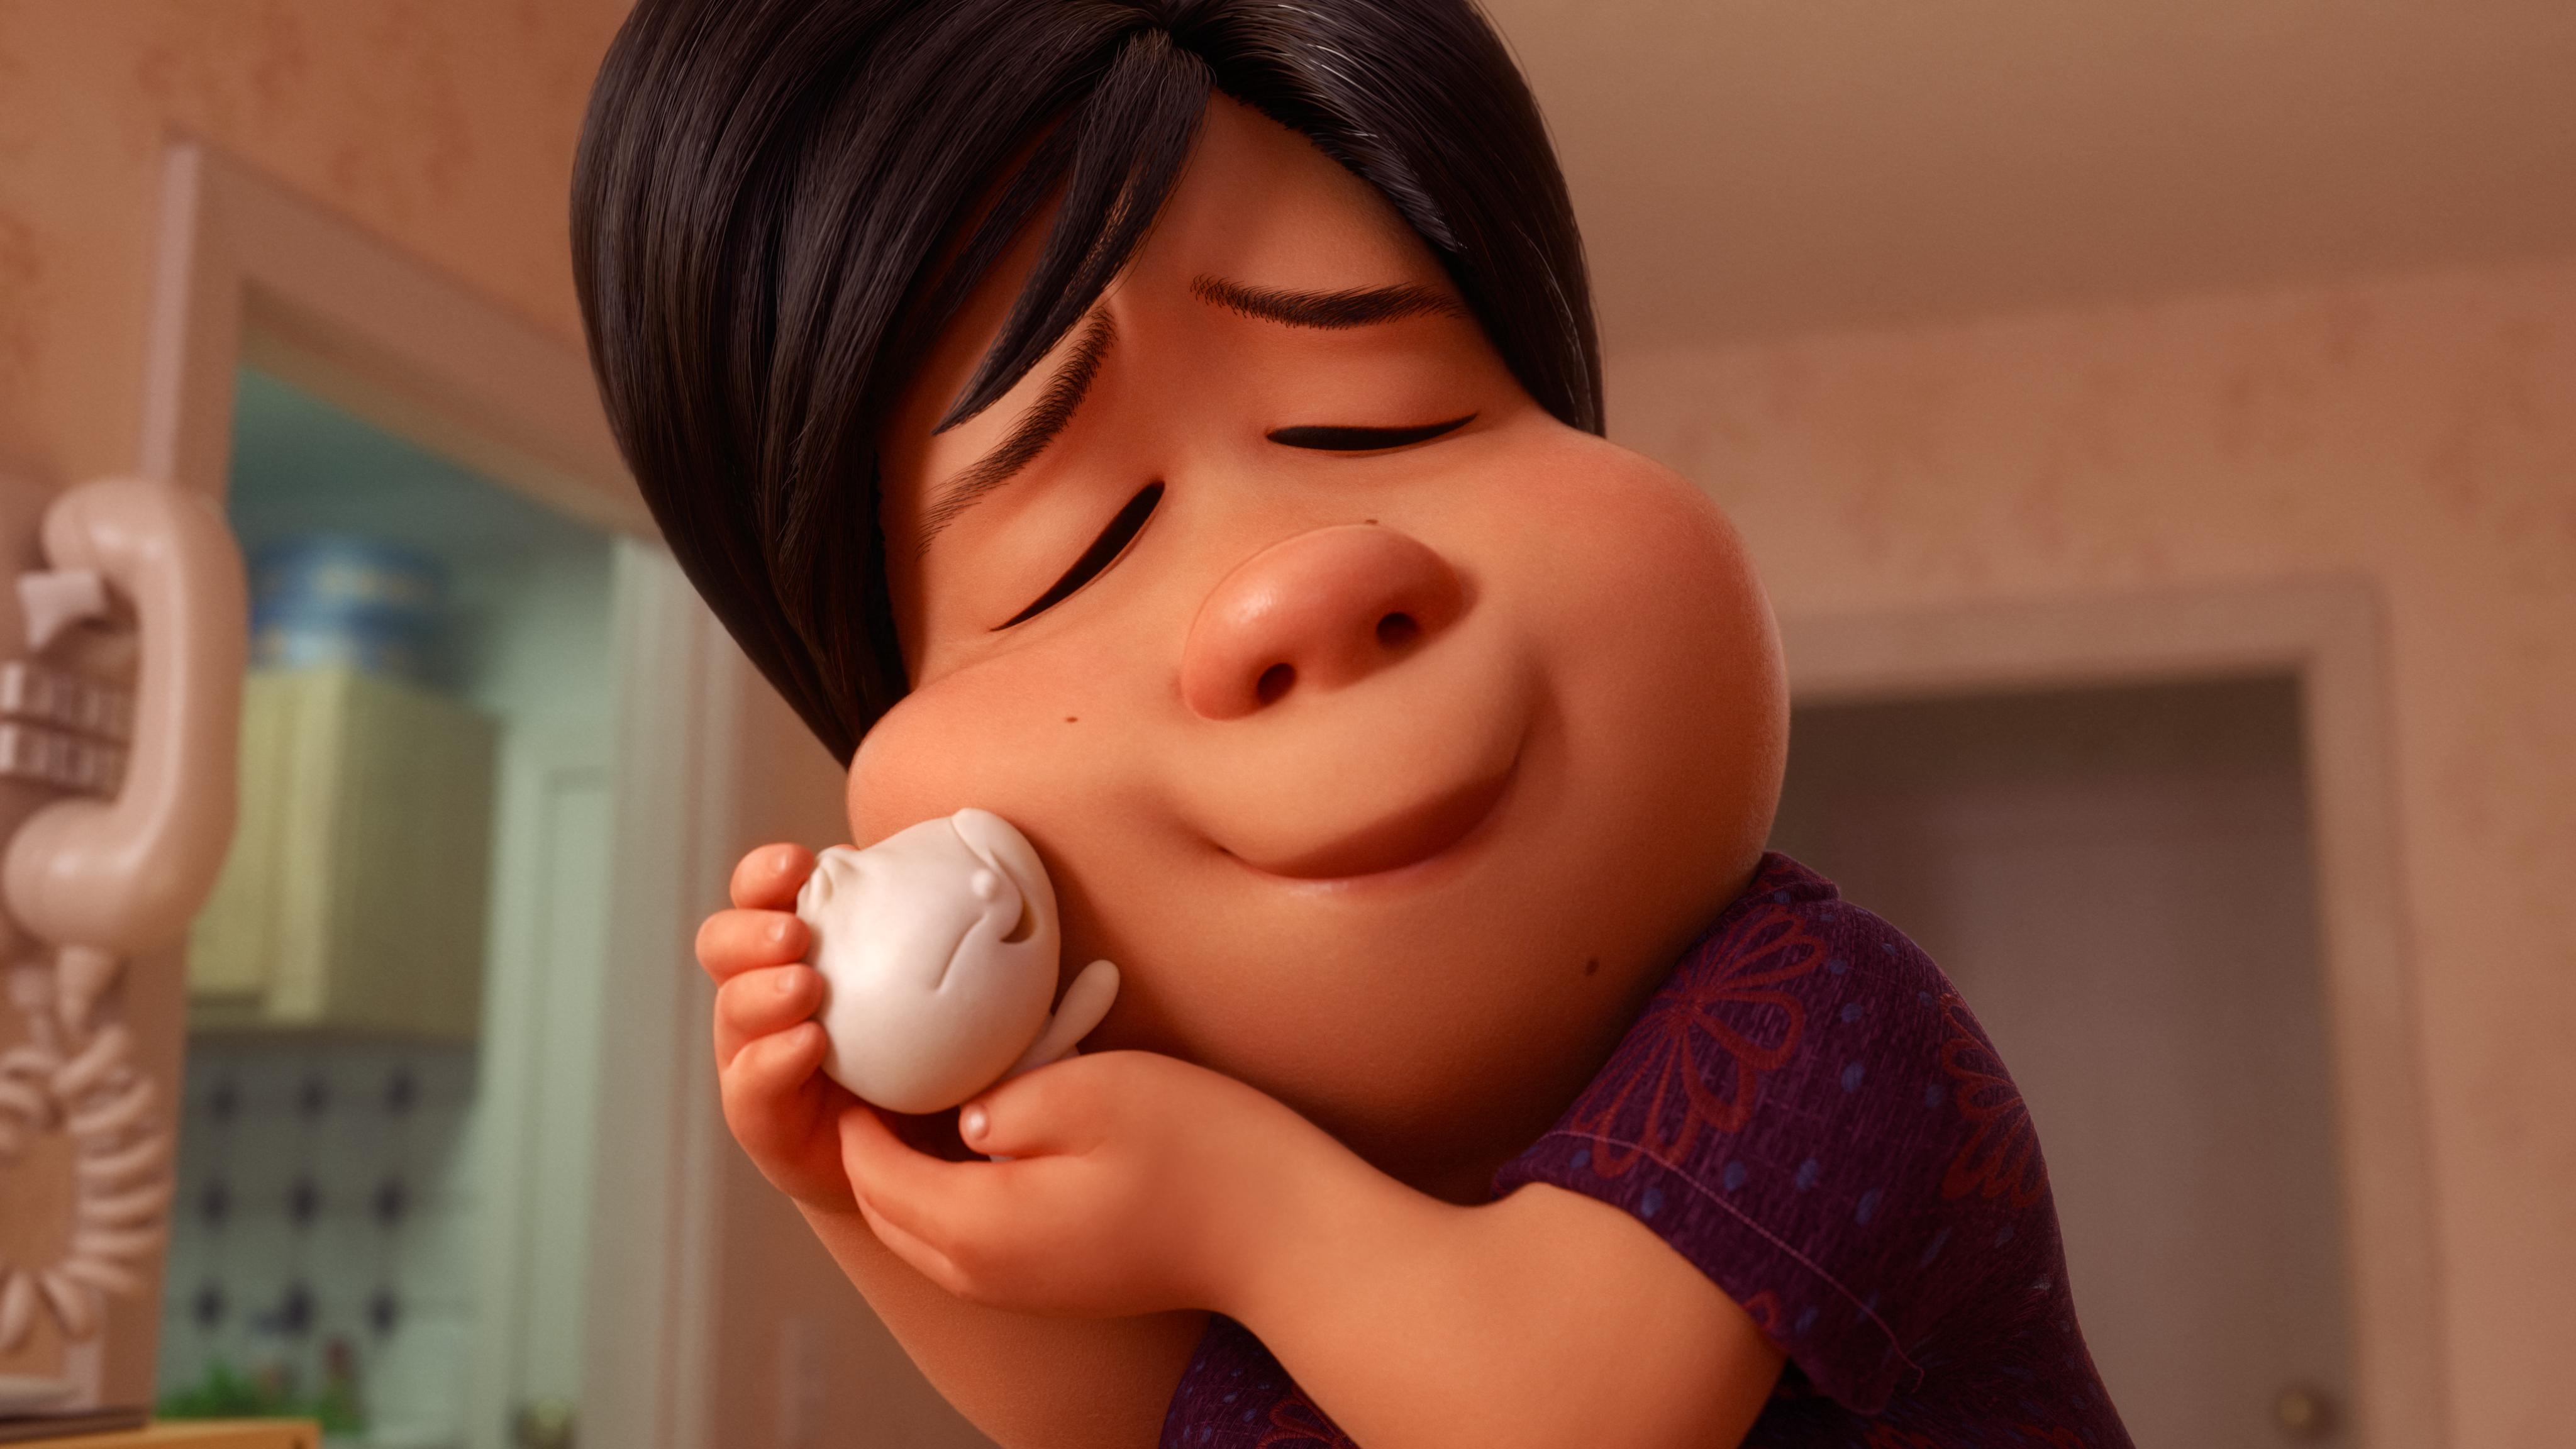 Oscar award for best animated movie 2020